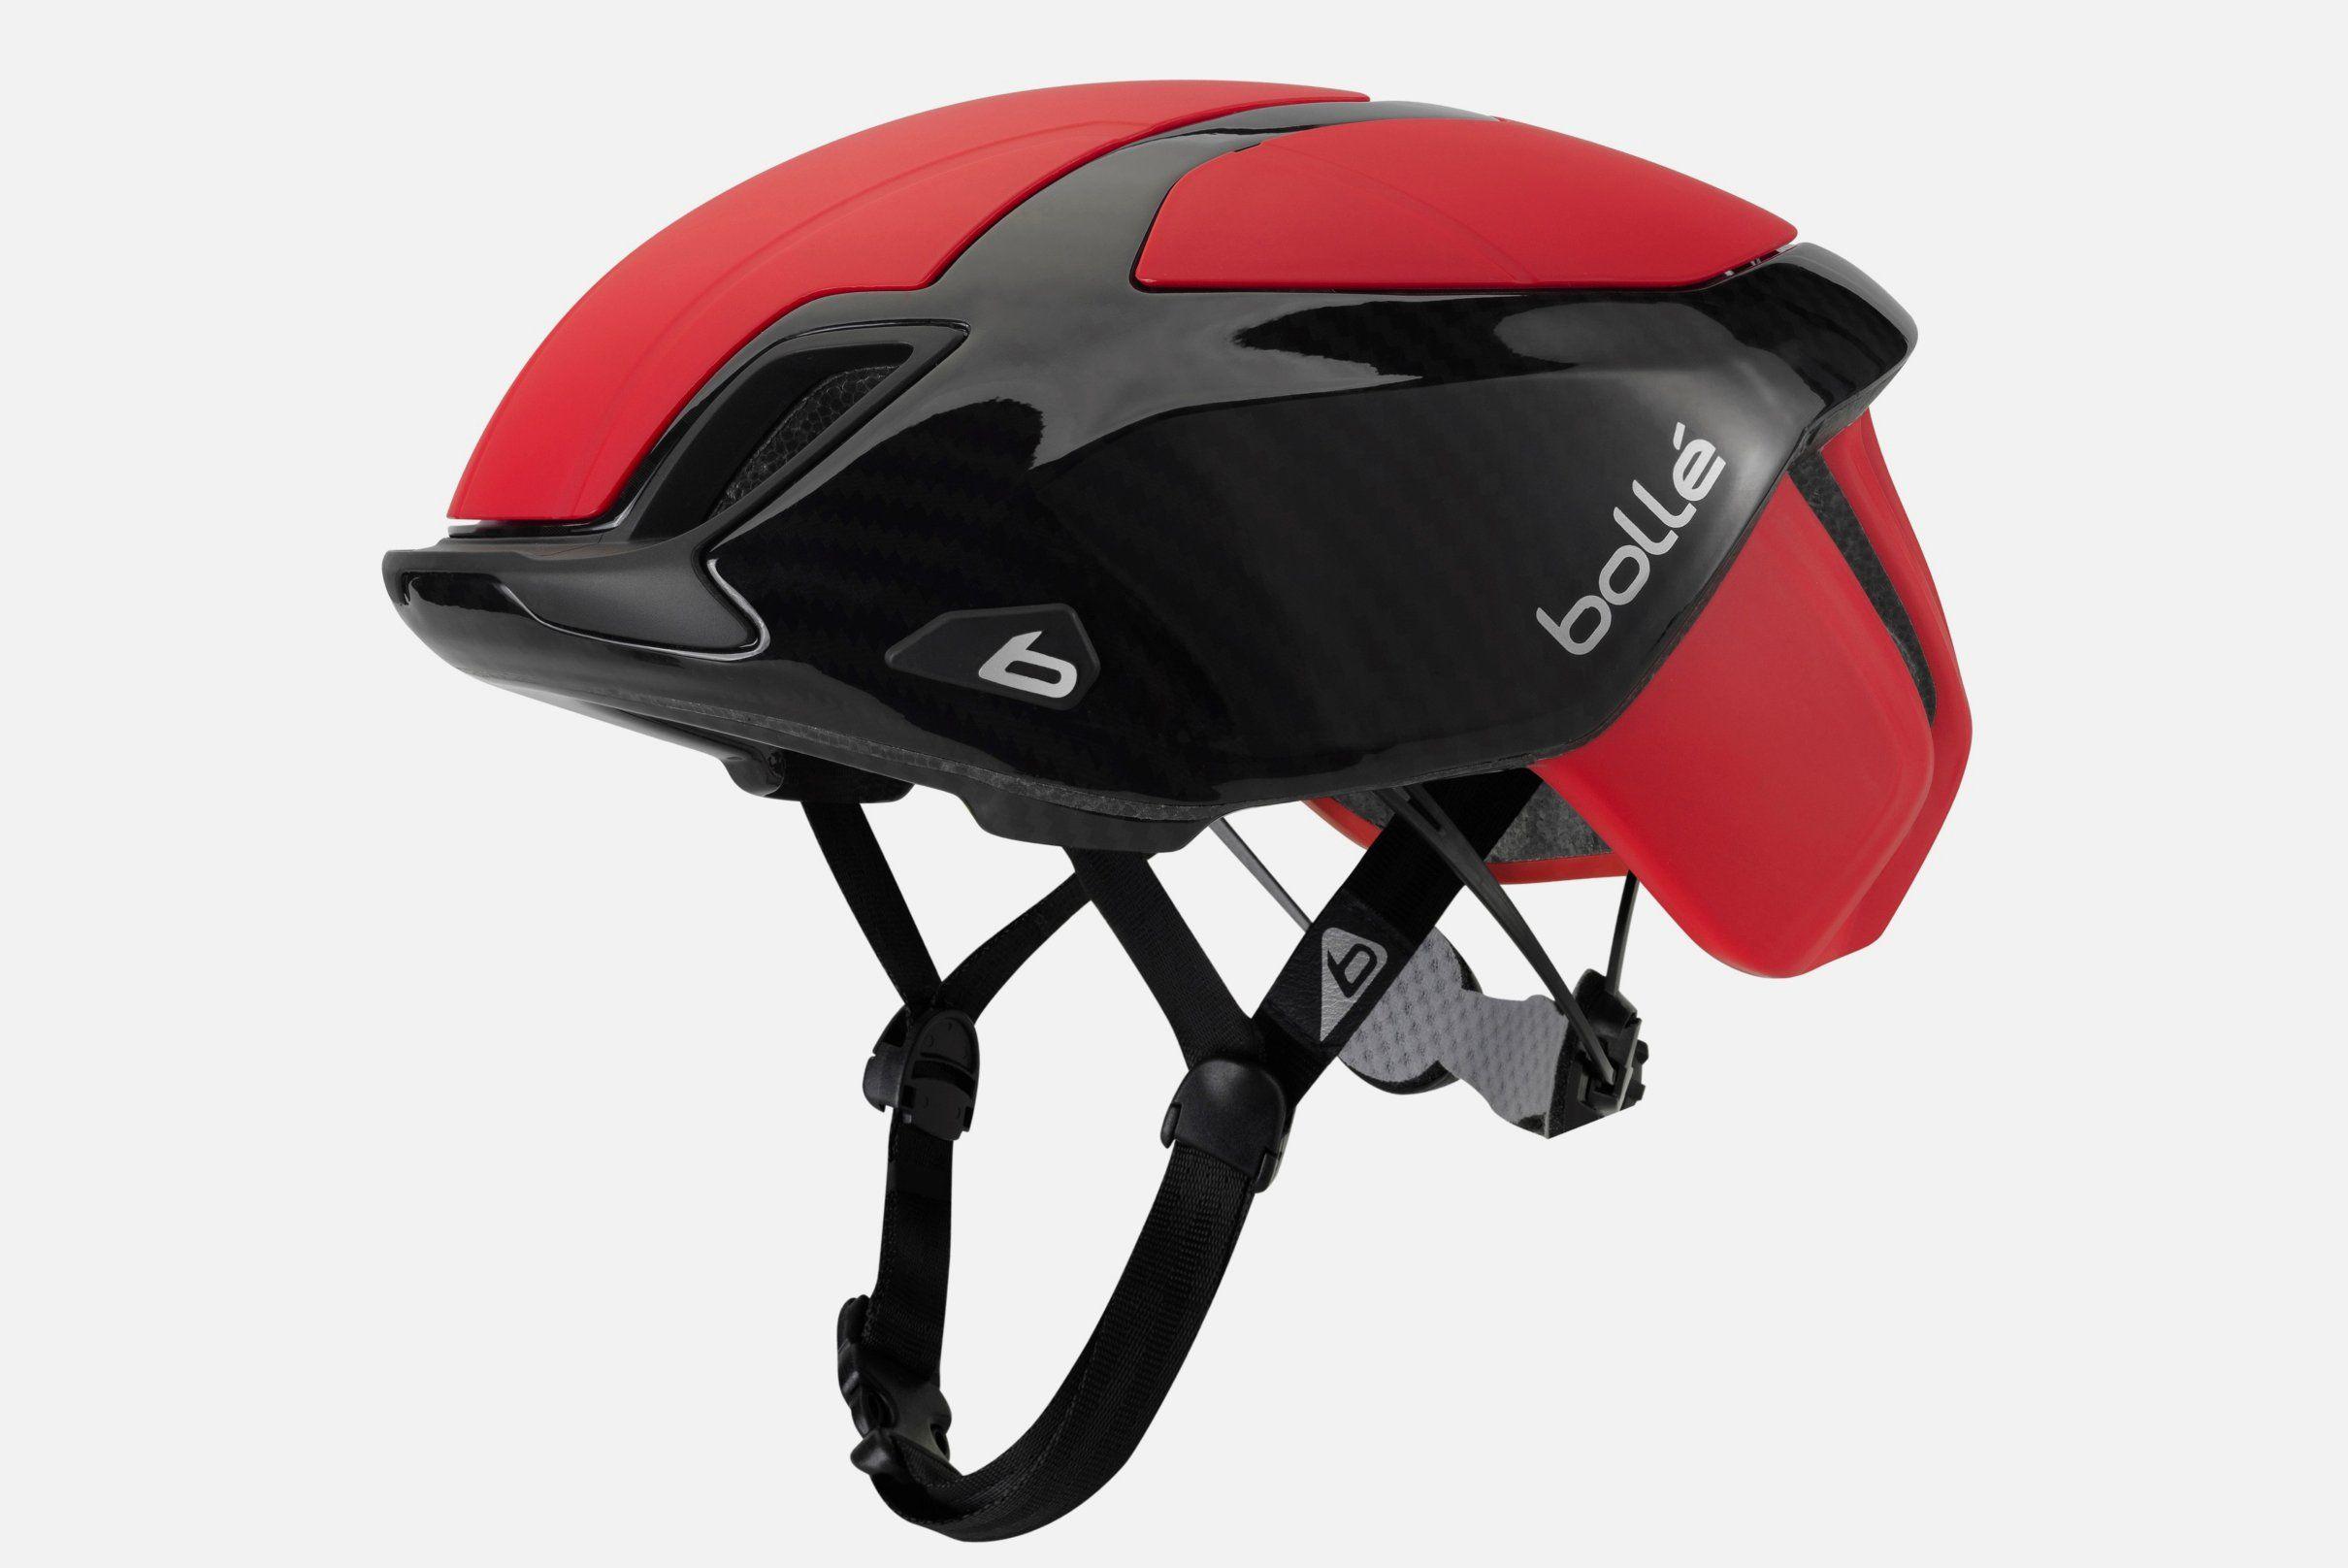 The Best New Helmets of 2016 Cycling helmet, Bike helmet